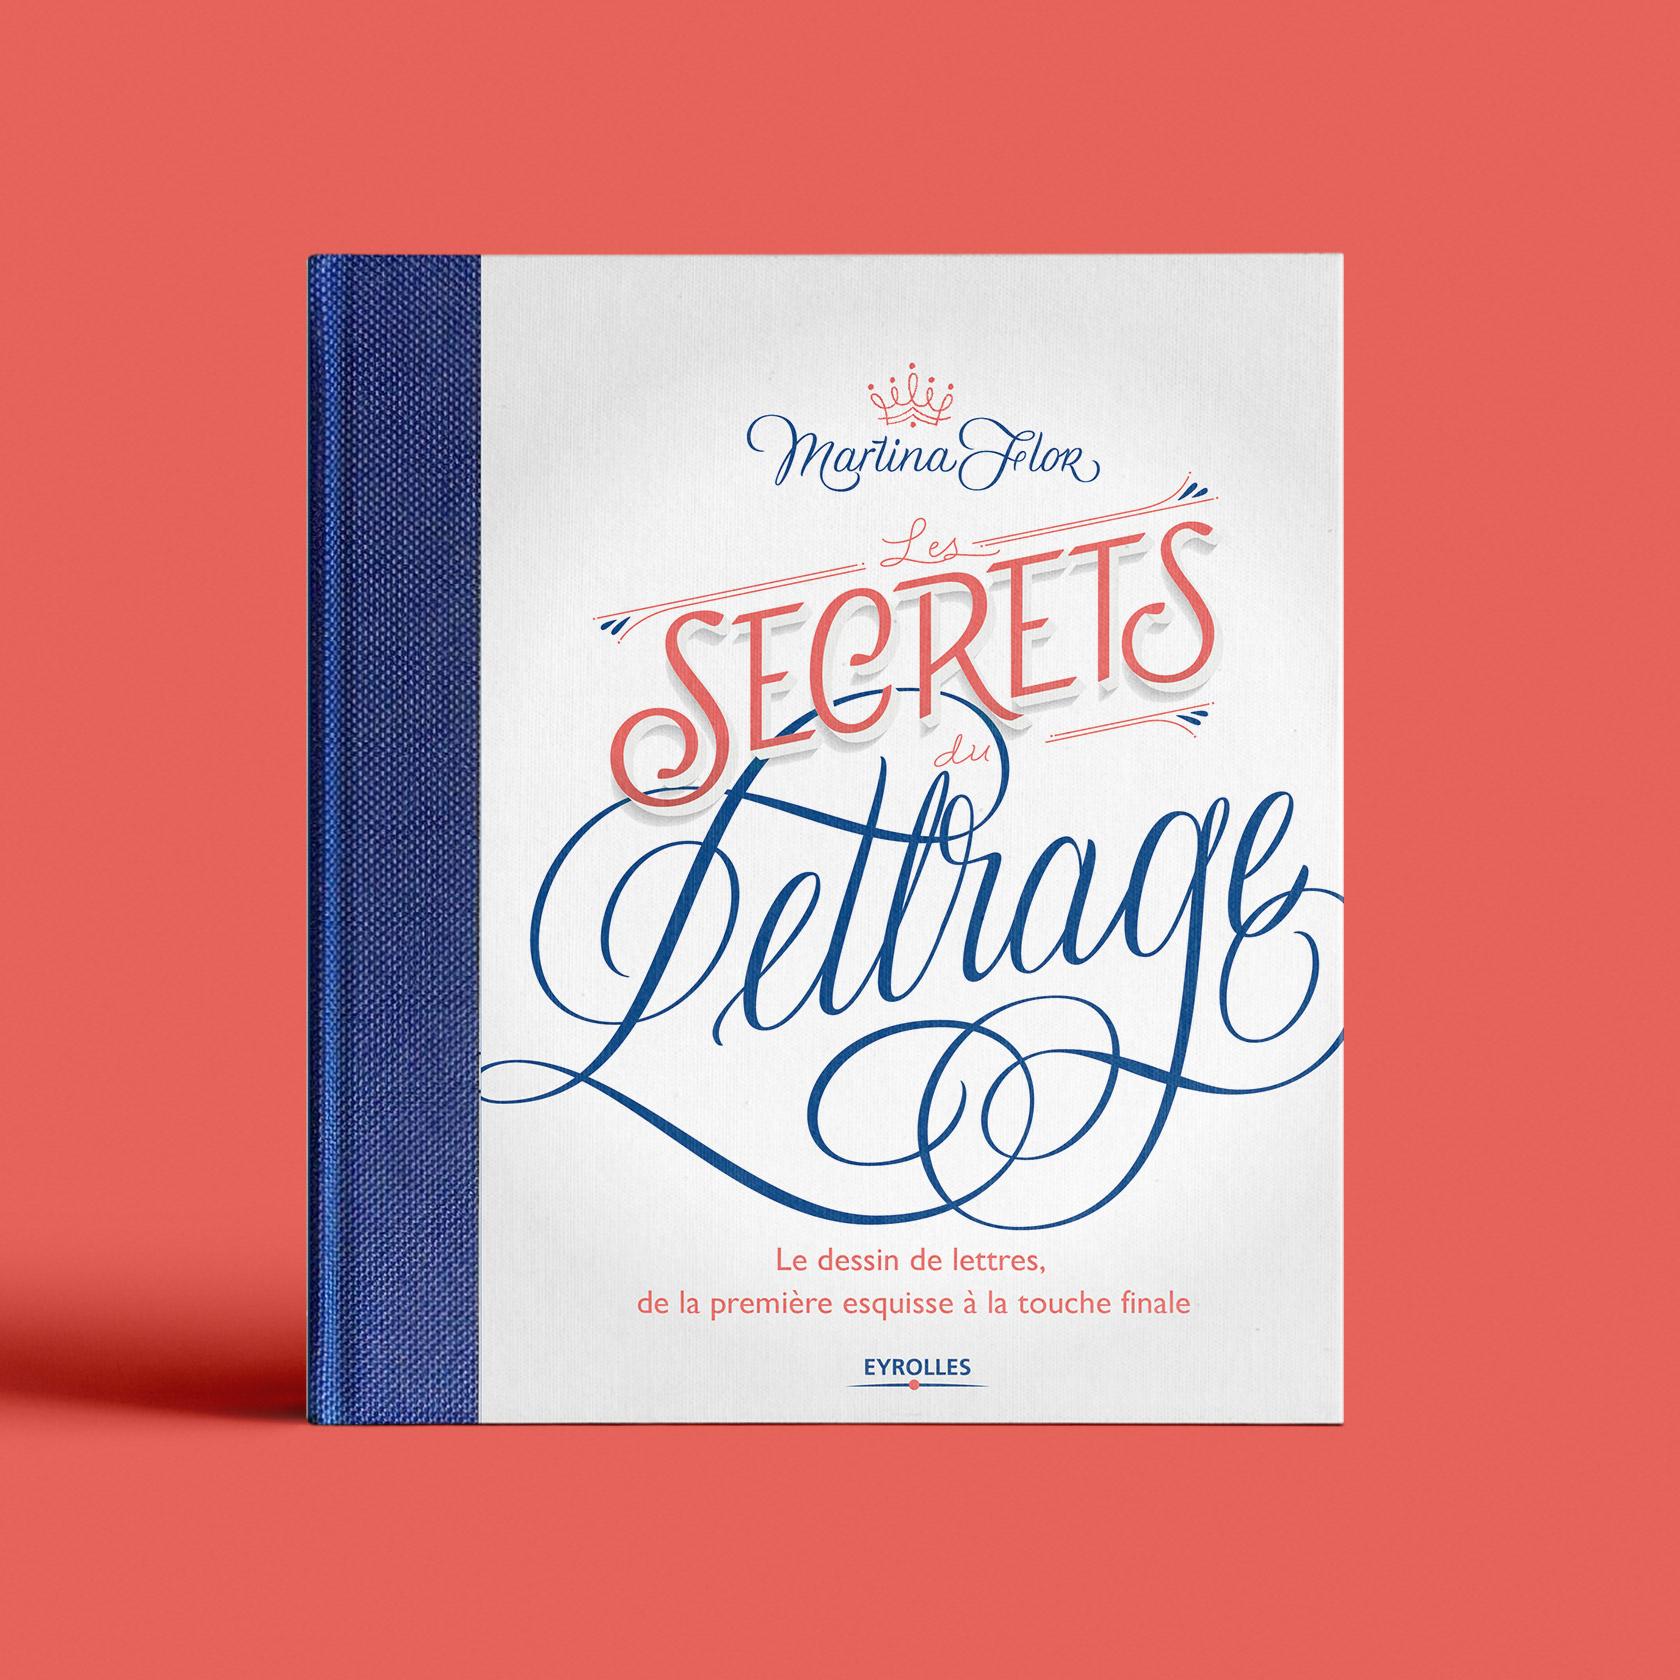 Les Secrets de Lettrage | €29,80